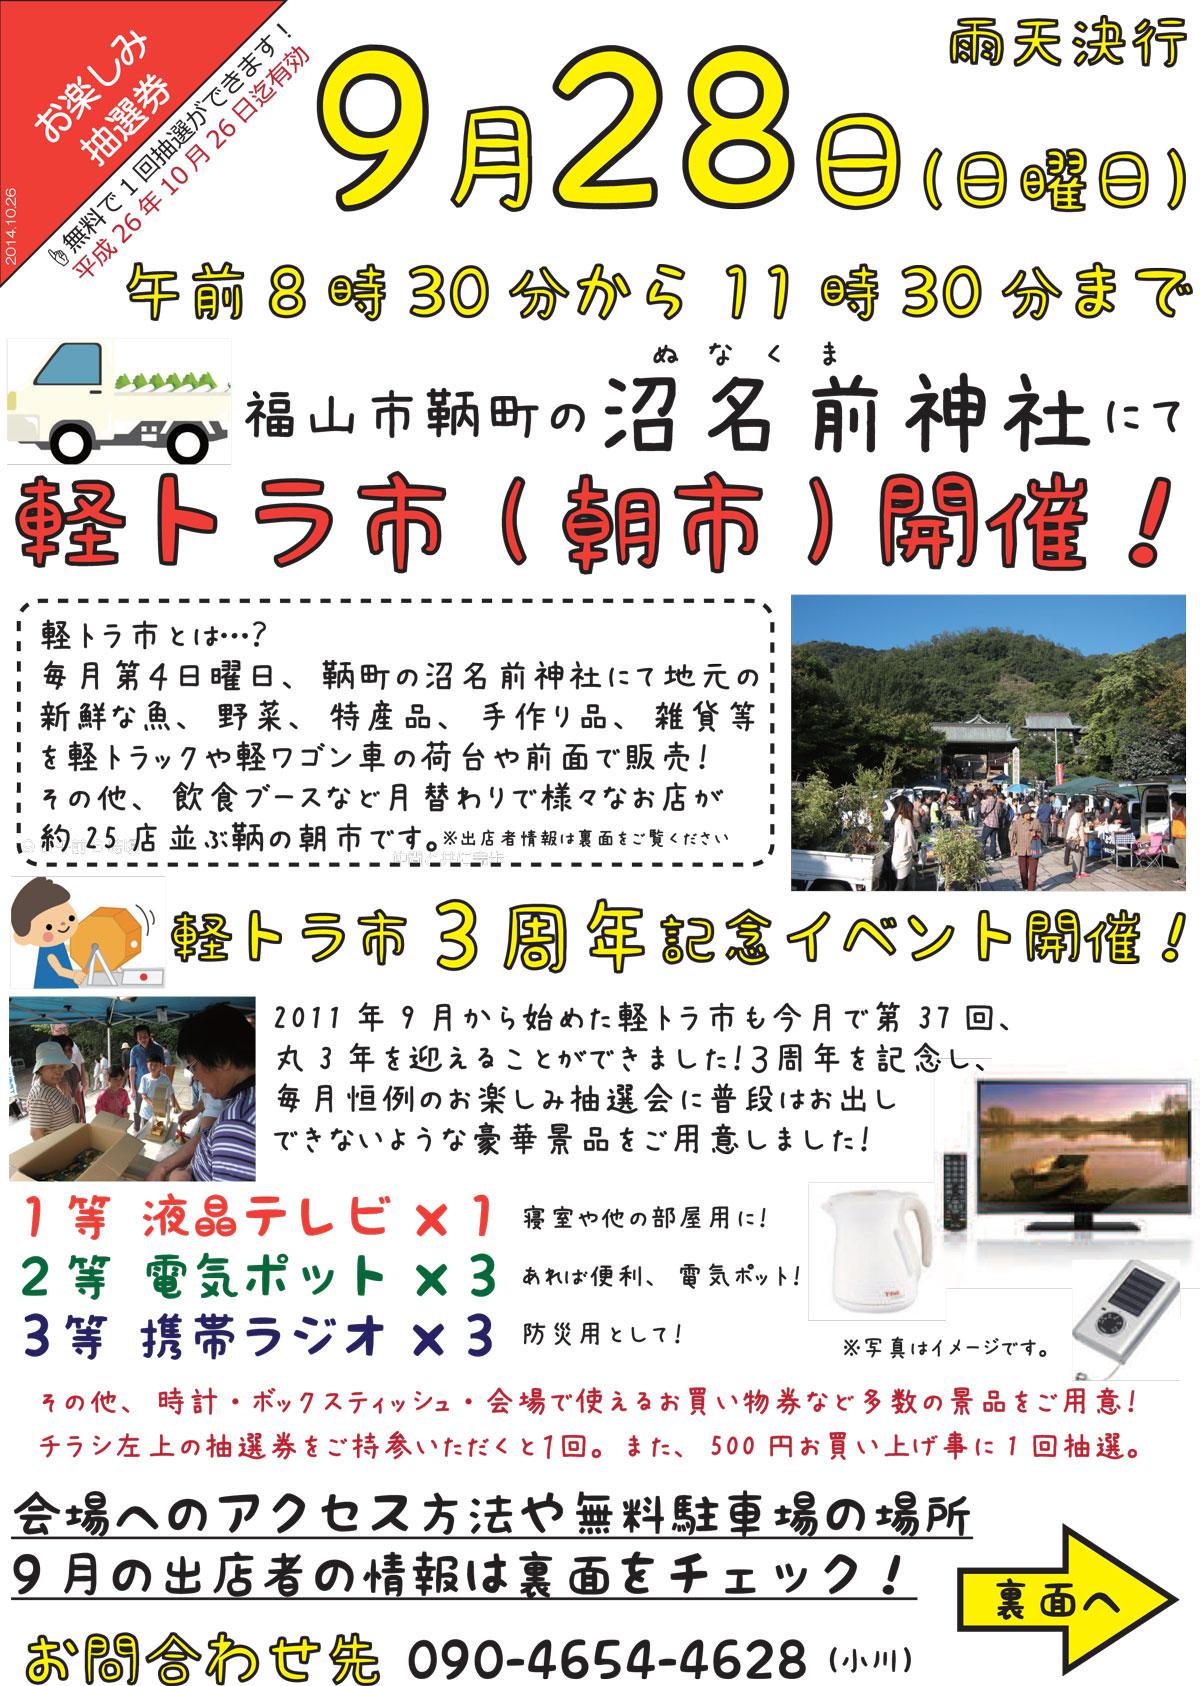 福山市鞆町にて軽トラ市3周年記念イベント~このチラシをご持参ください~